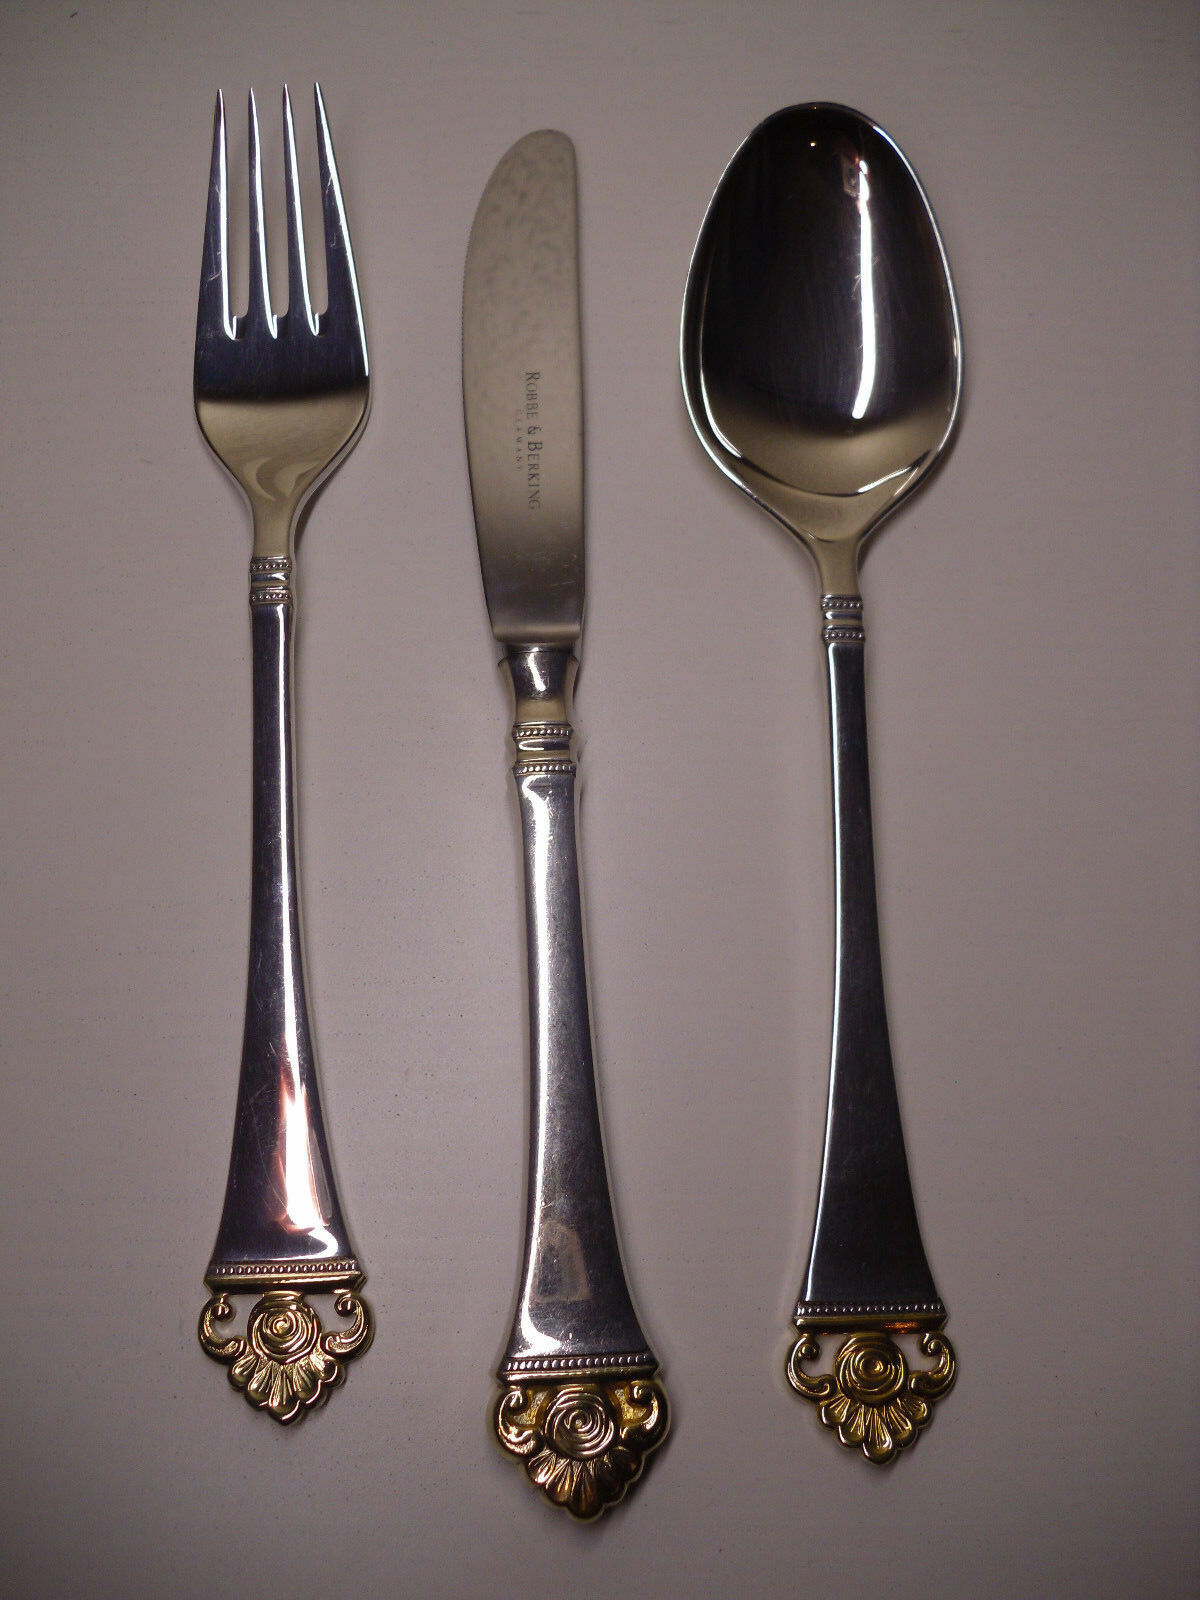 Robbe /& Berking R/&B Gabel Rosenmuster 19,5cm Silber 150 teilvergoldet